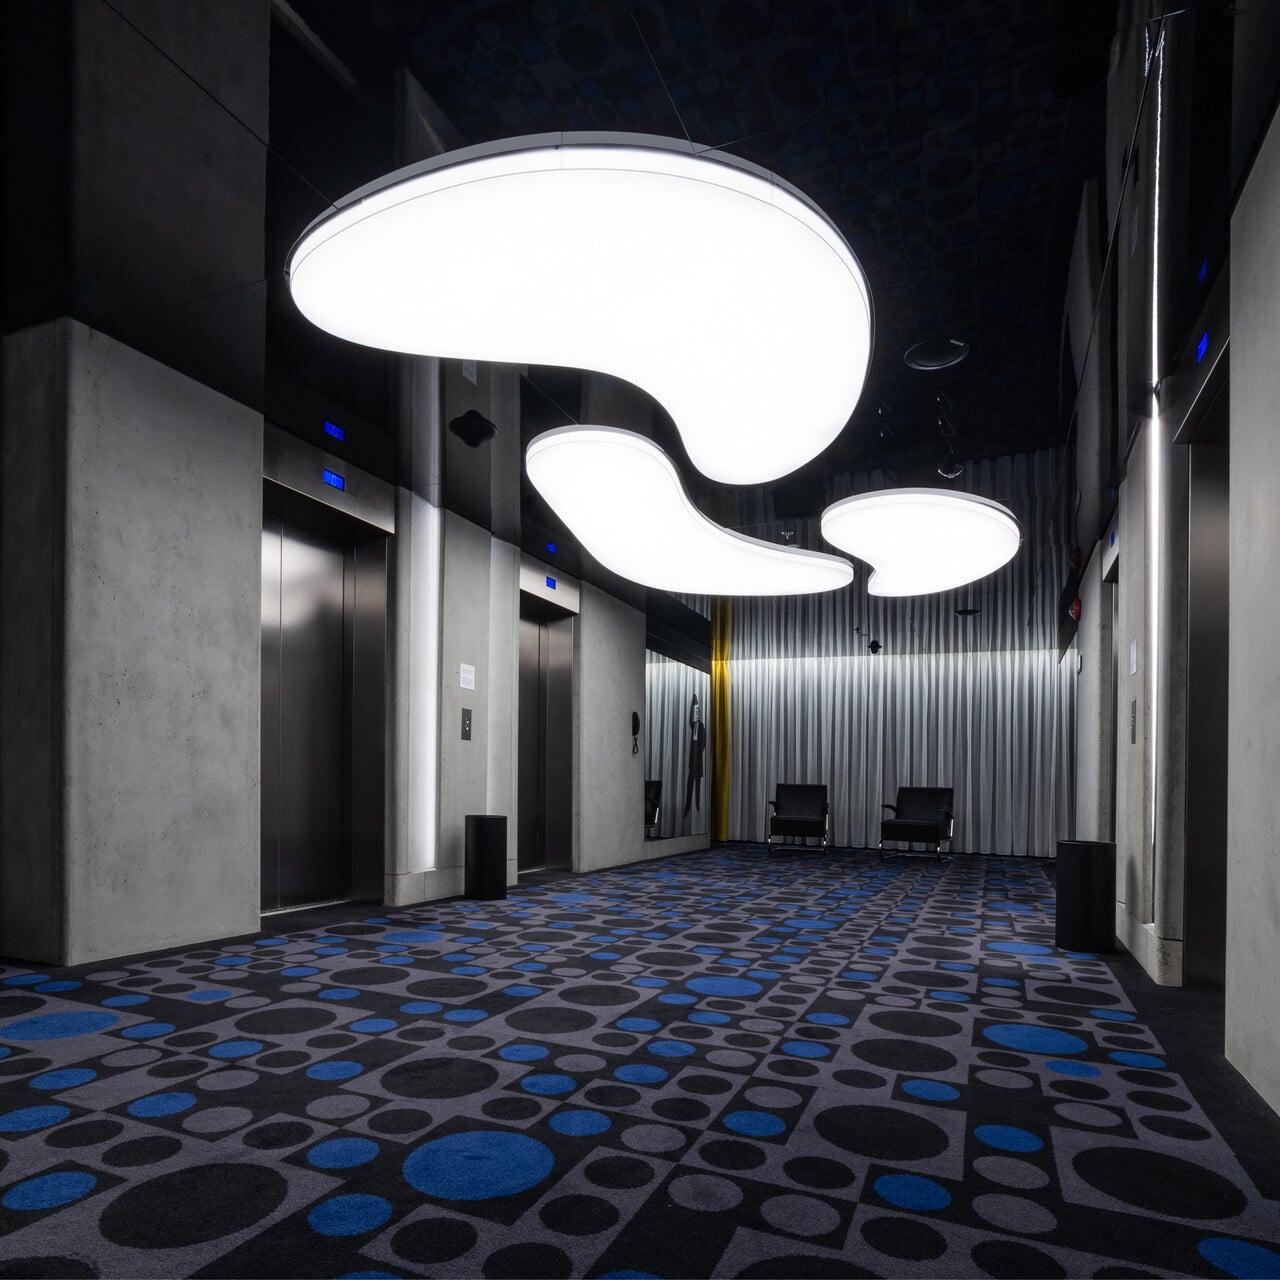 hotel renaissance Warszawa sufity napinane nadają nowoczesny wygląd powierzchni